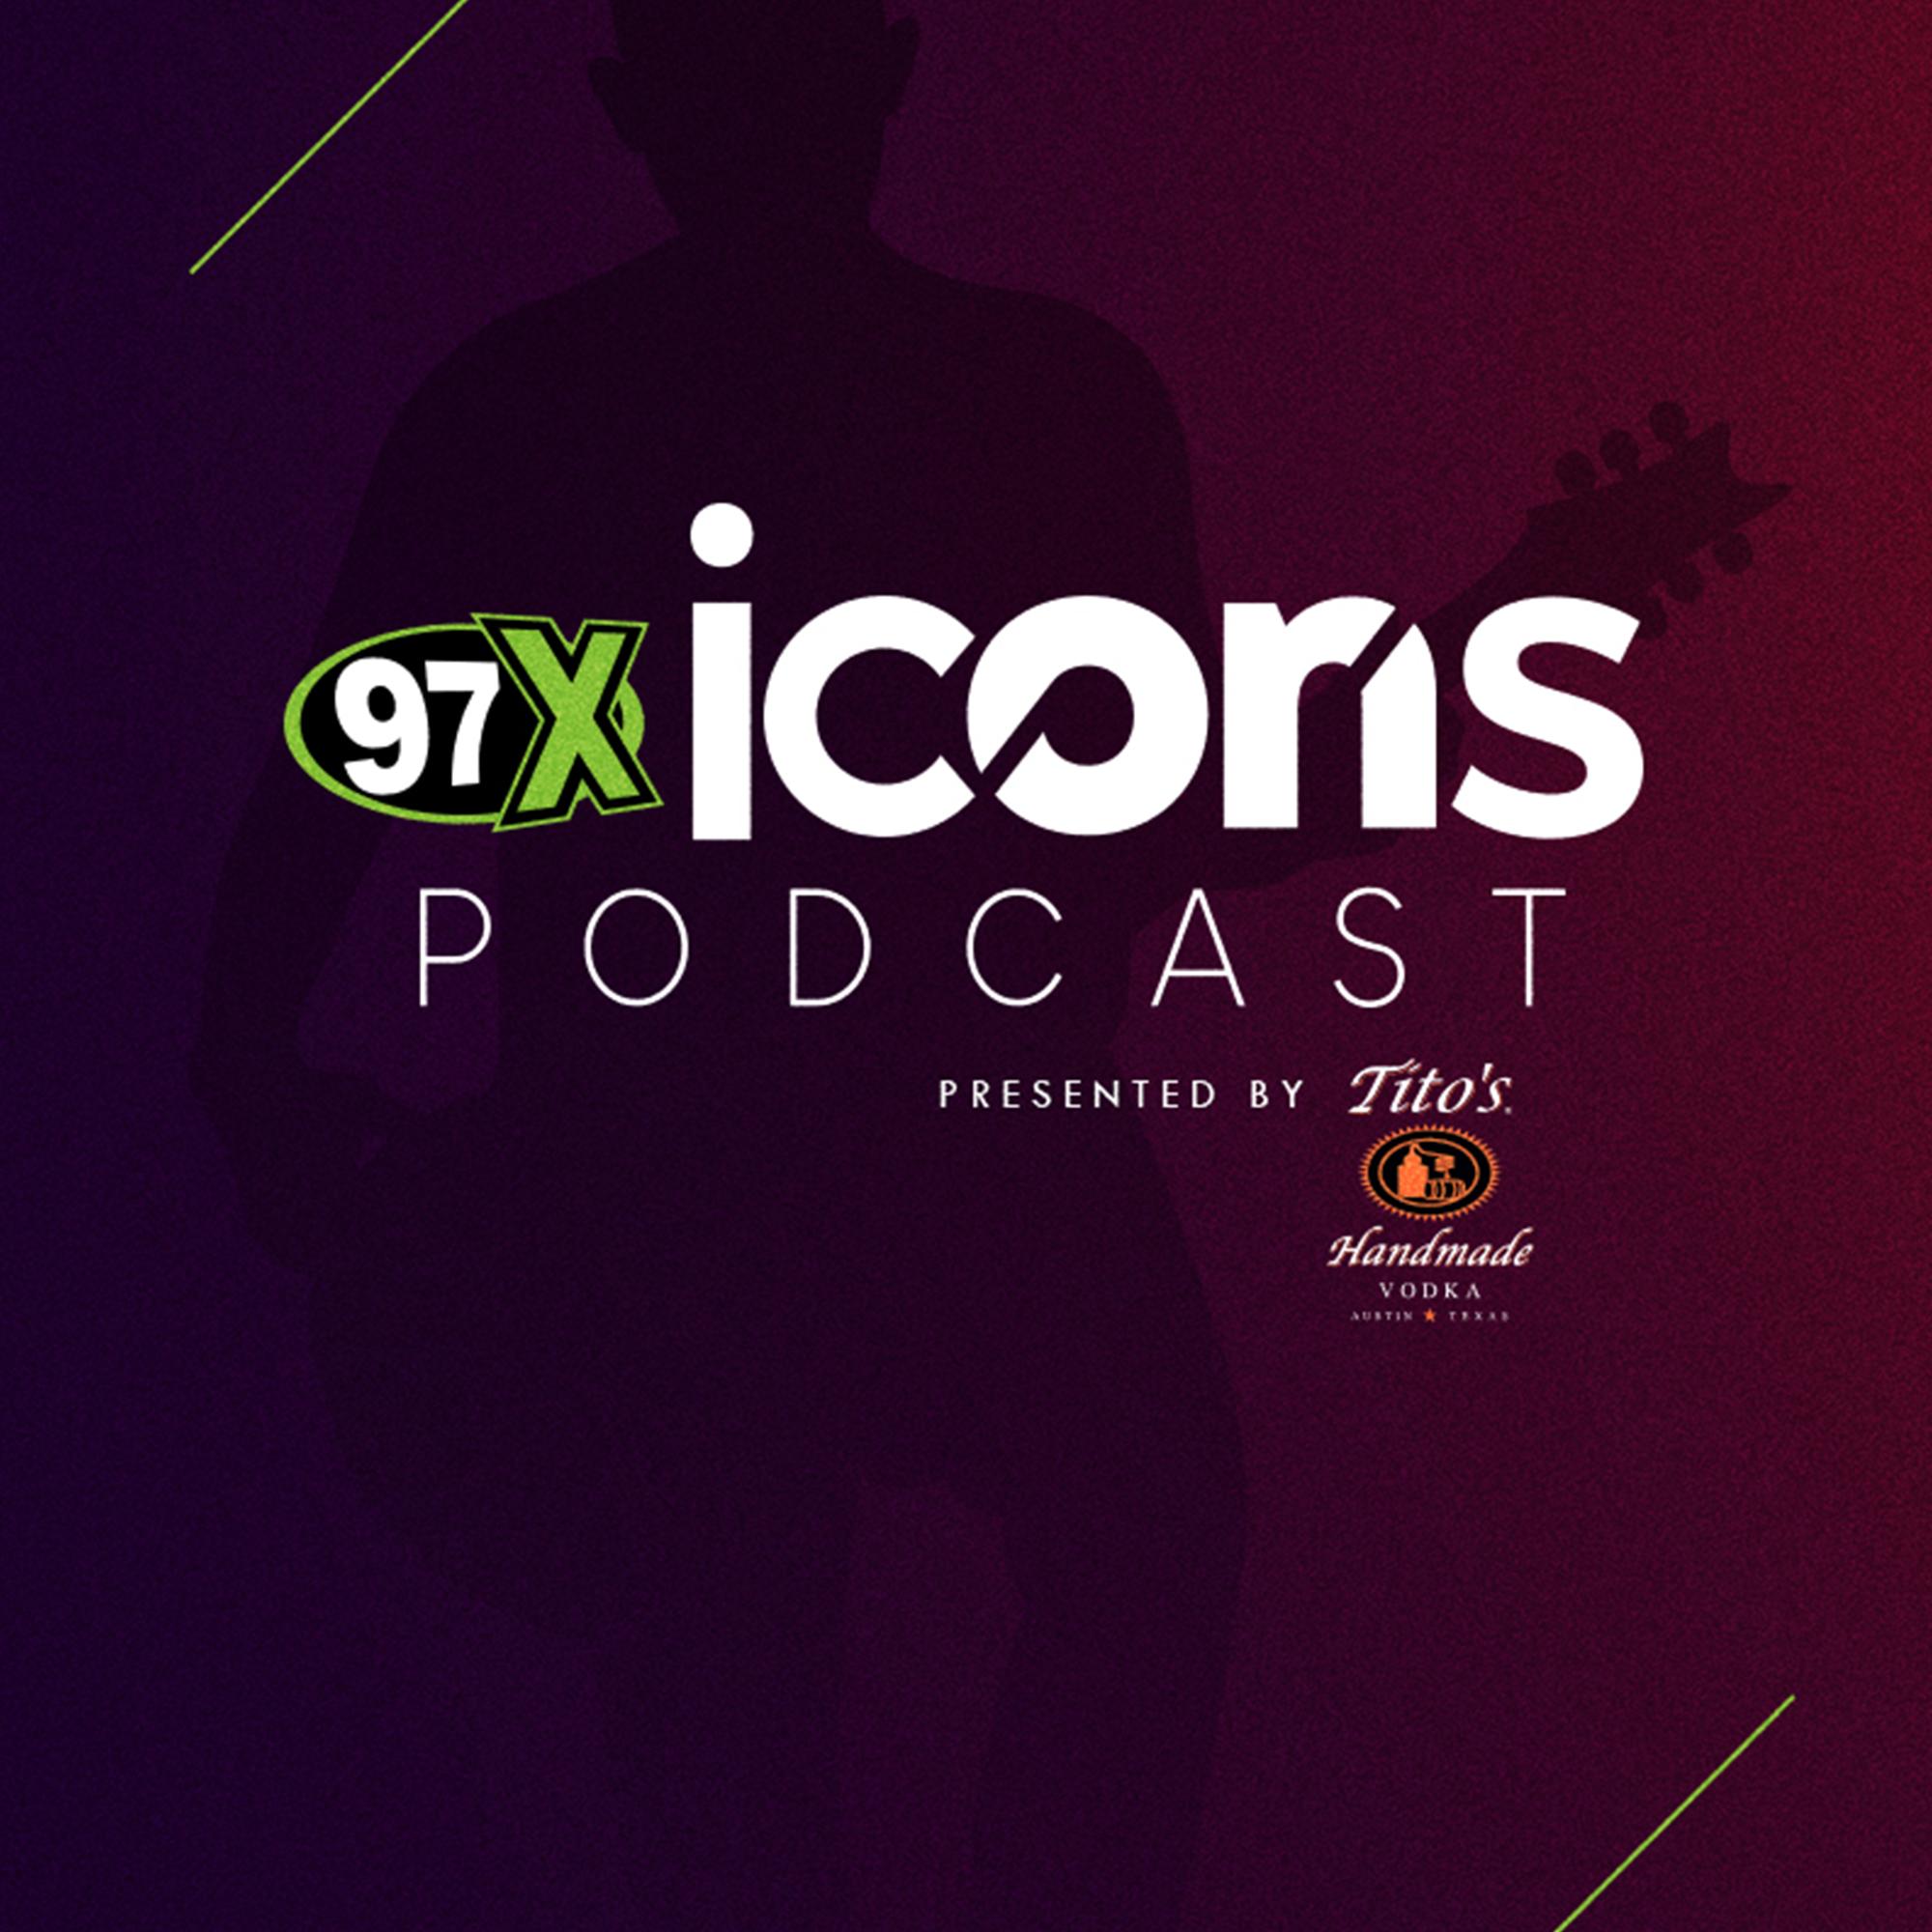 97X Icons